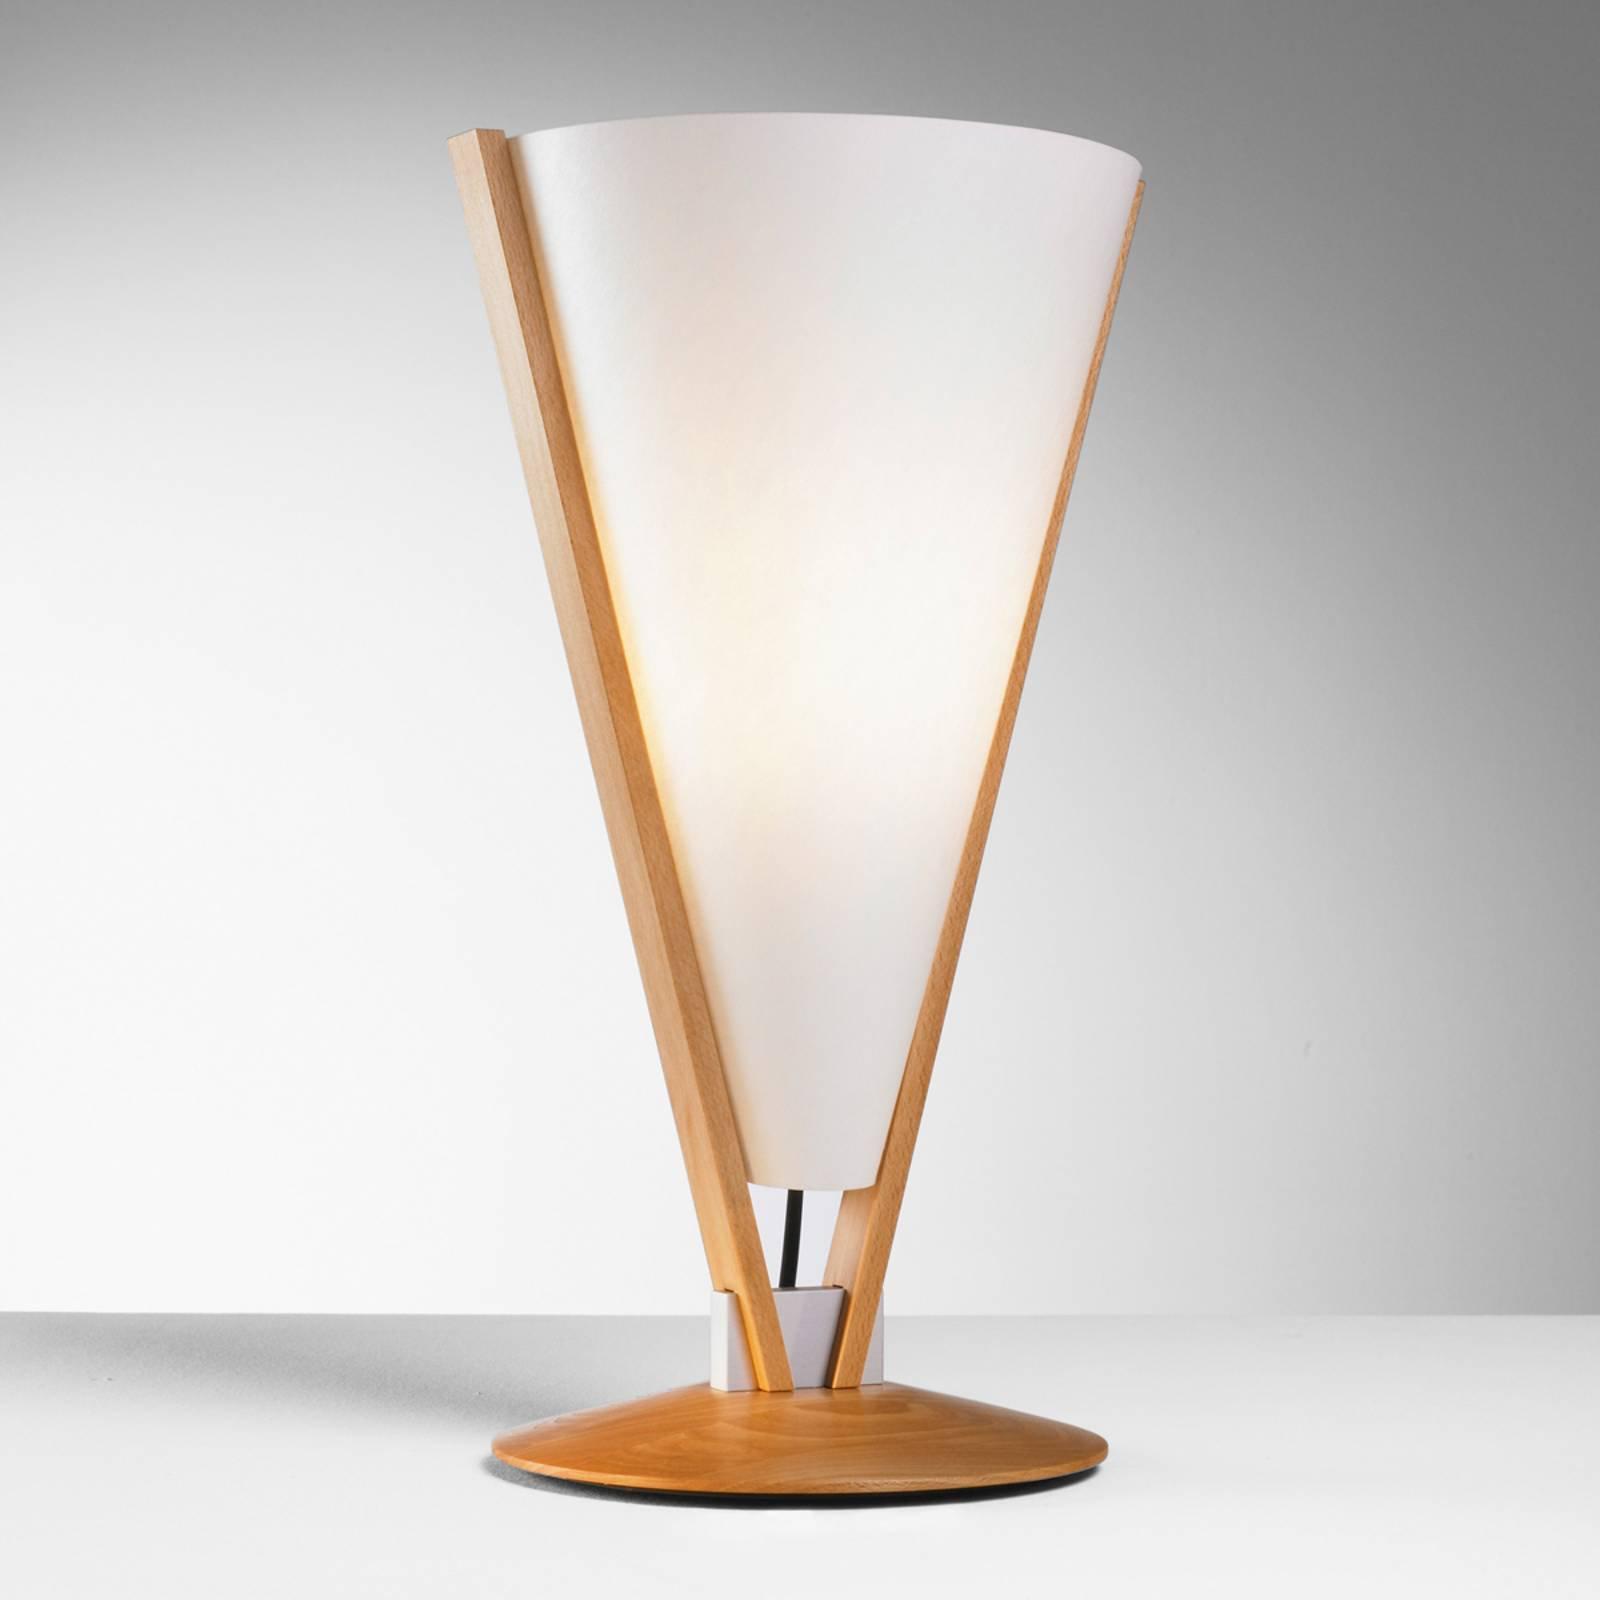 SEBA bordlampe med manuell bryter, bøk